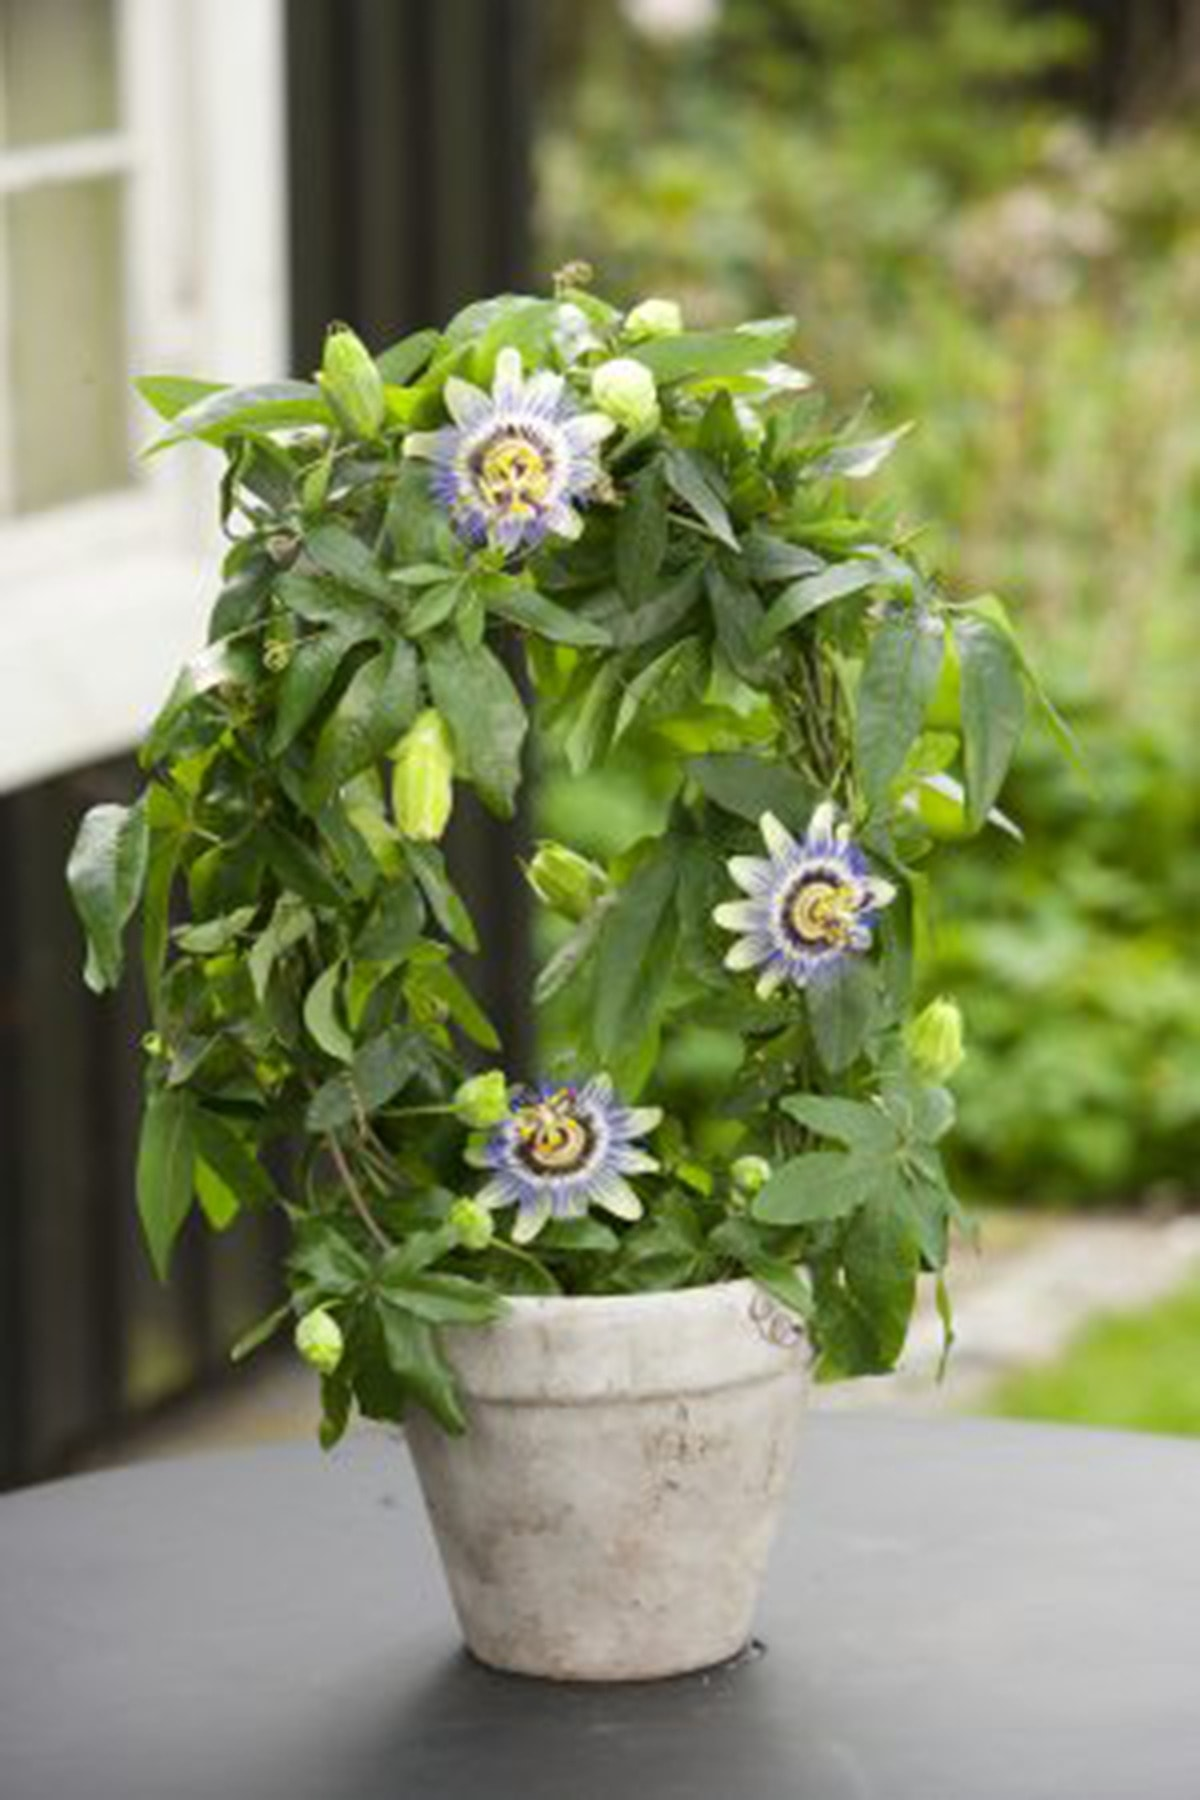 OXE GARDEN Pasiflora Çarkıfelek Çiçek Tohumu 5 Adet Doğal Tohum Saksı+torf Hediye Ev Bahçe Için Ideal 2